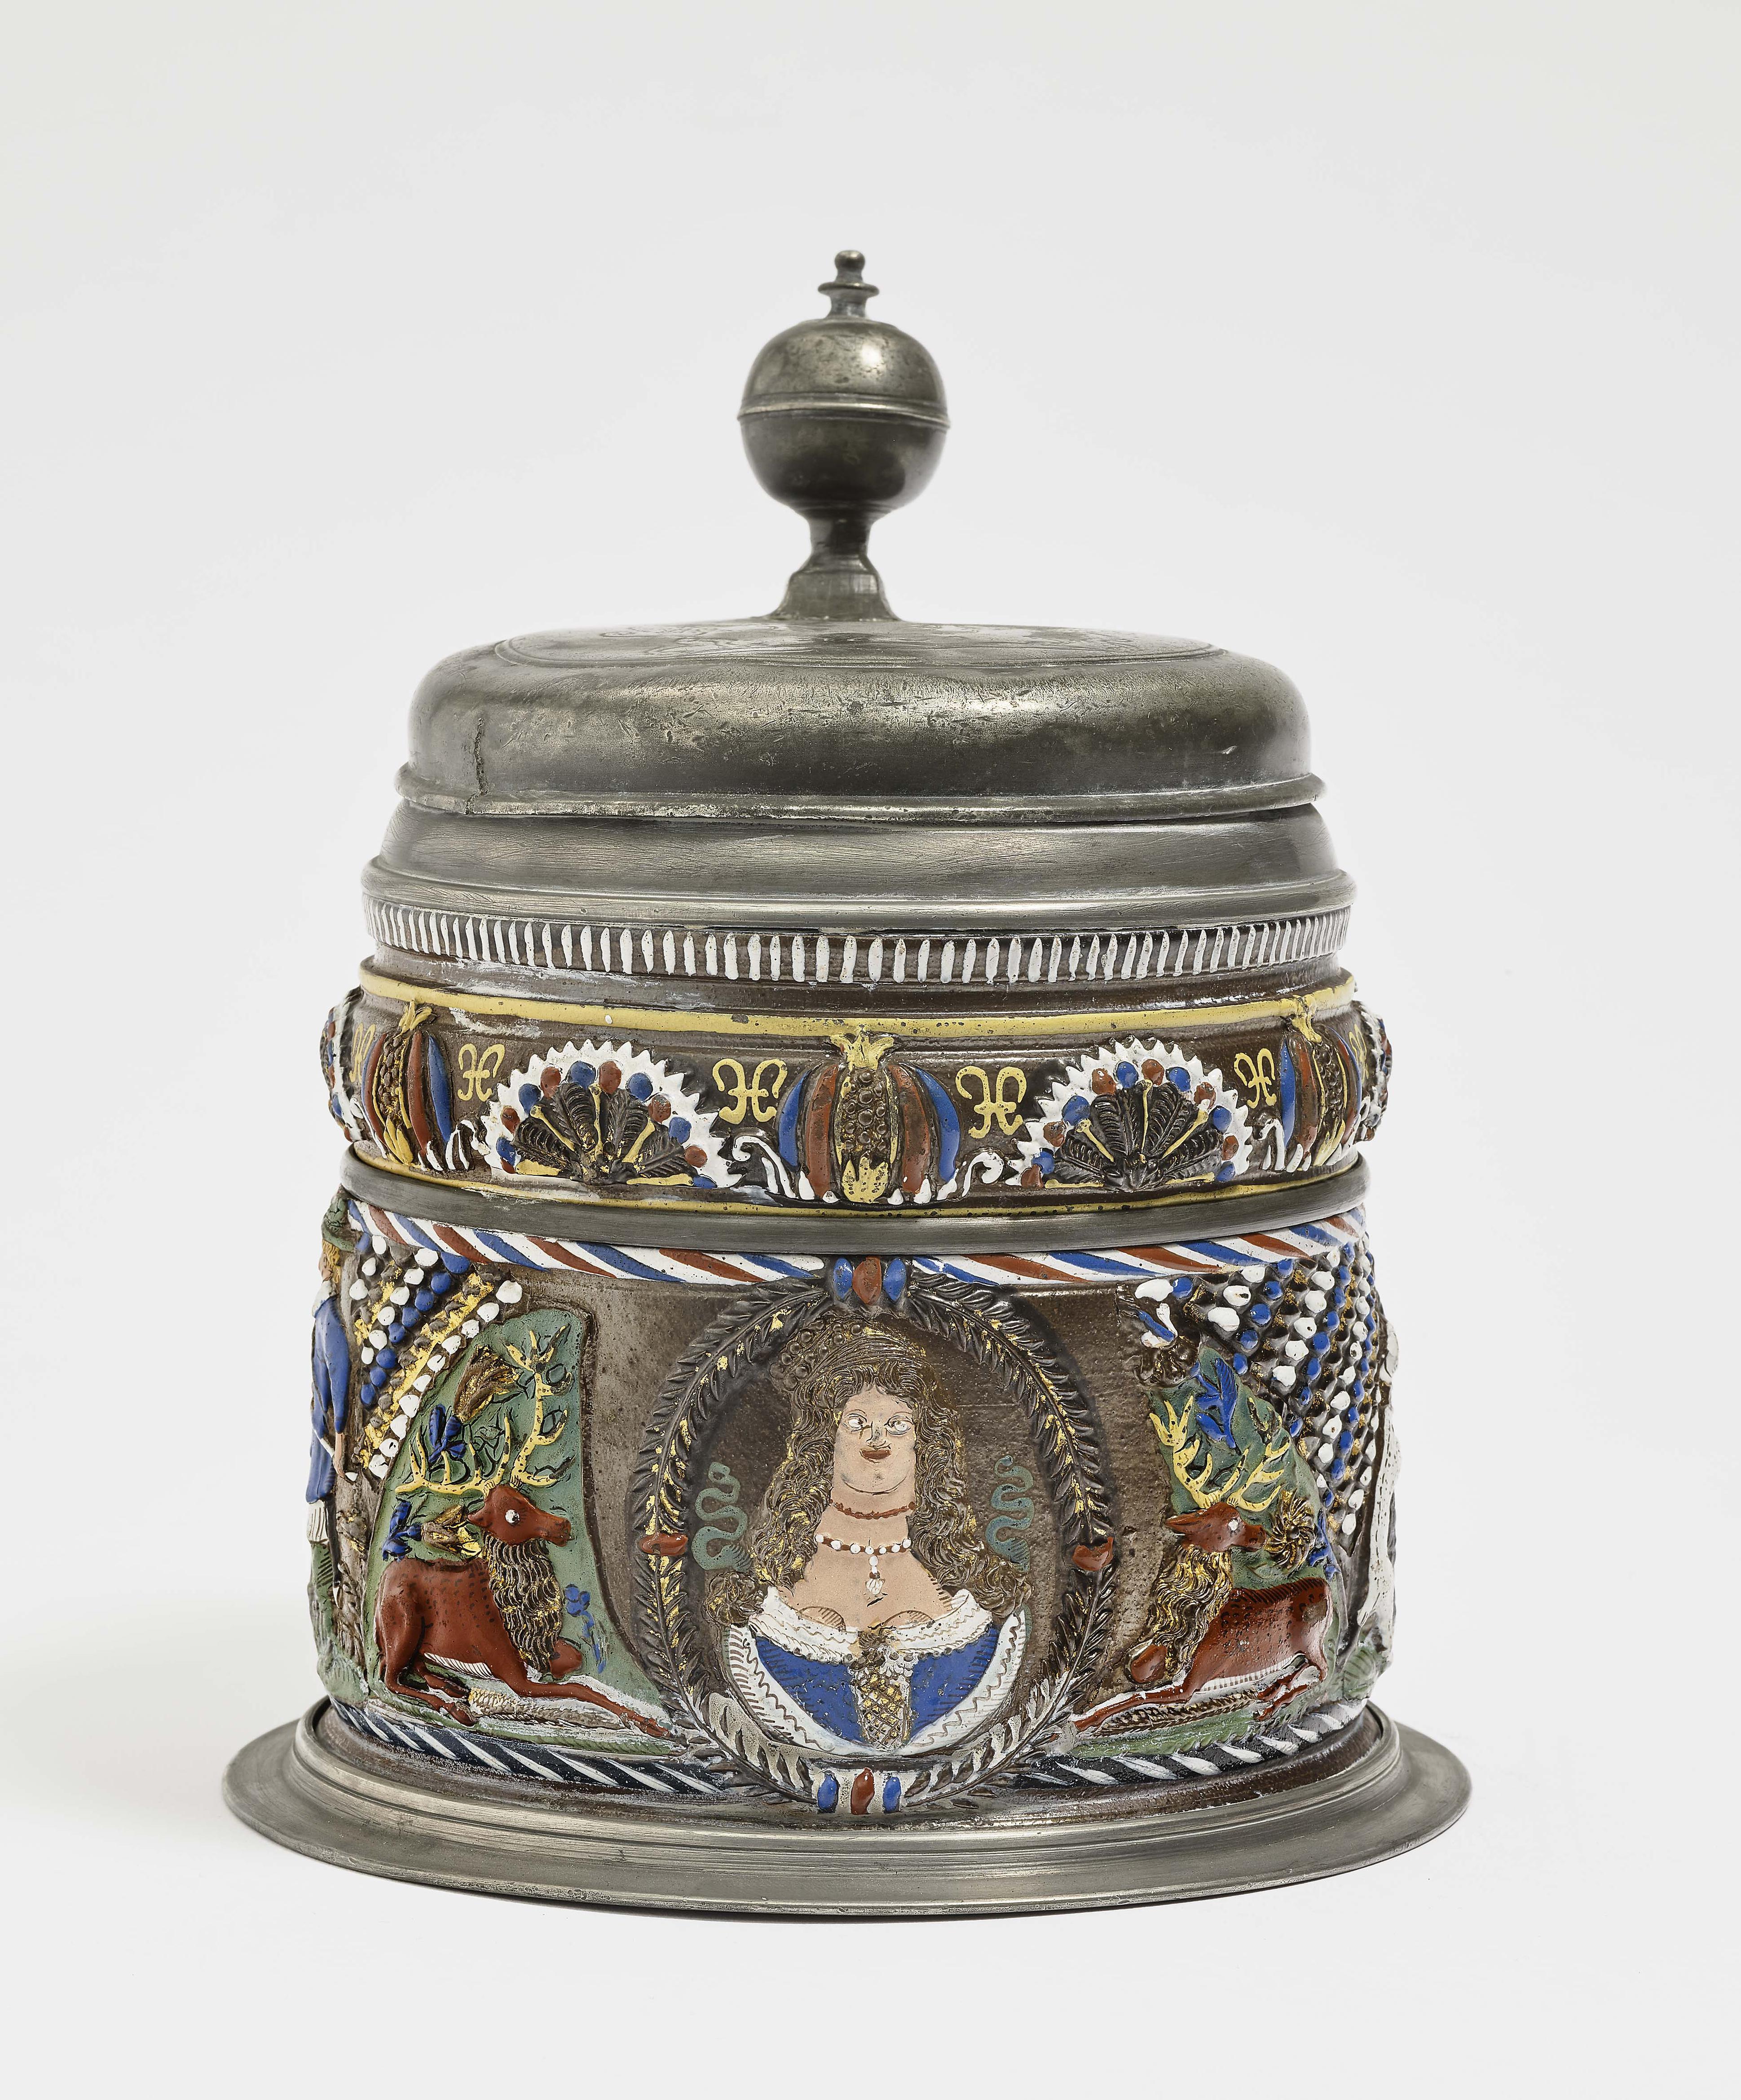 A Stoneware Tankard - Annaberg, circa 1670-